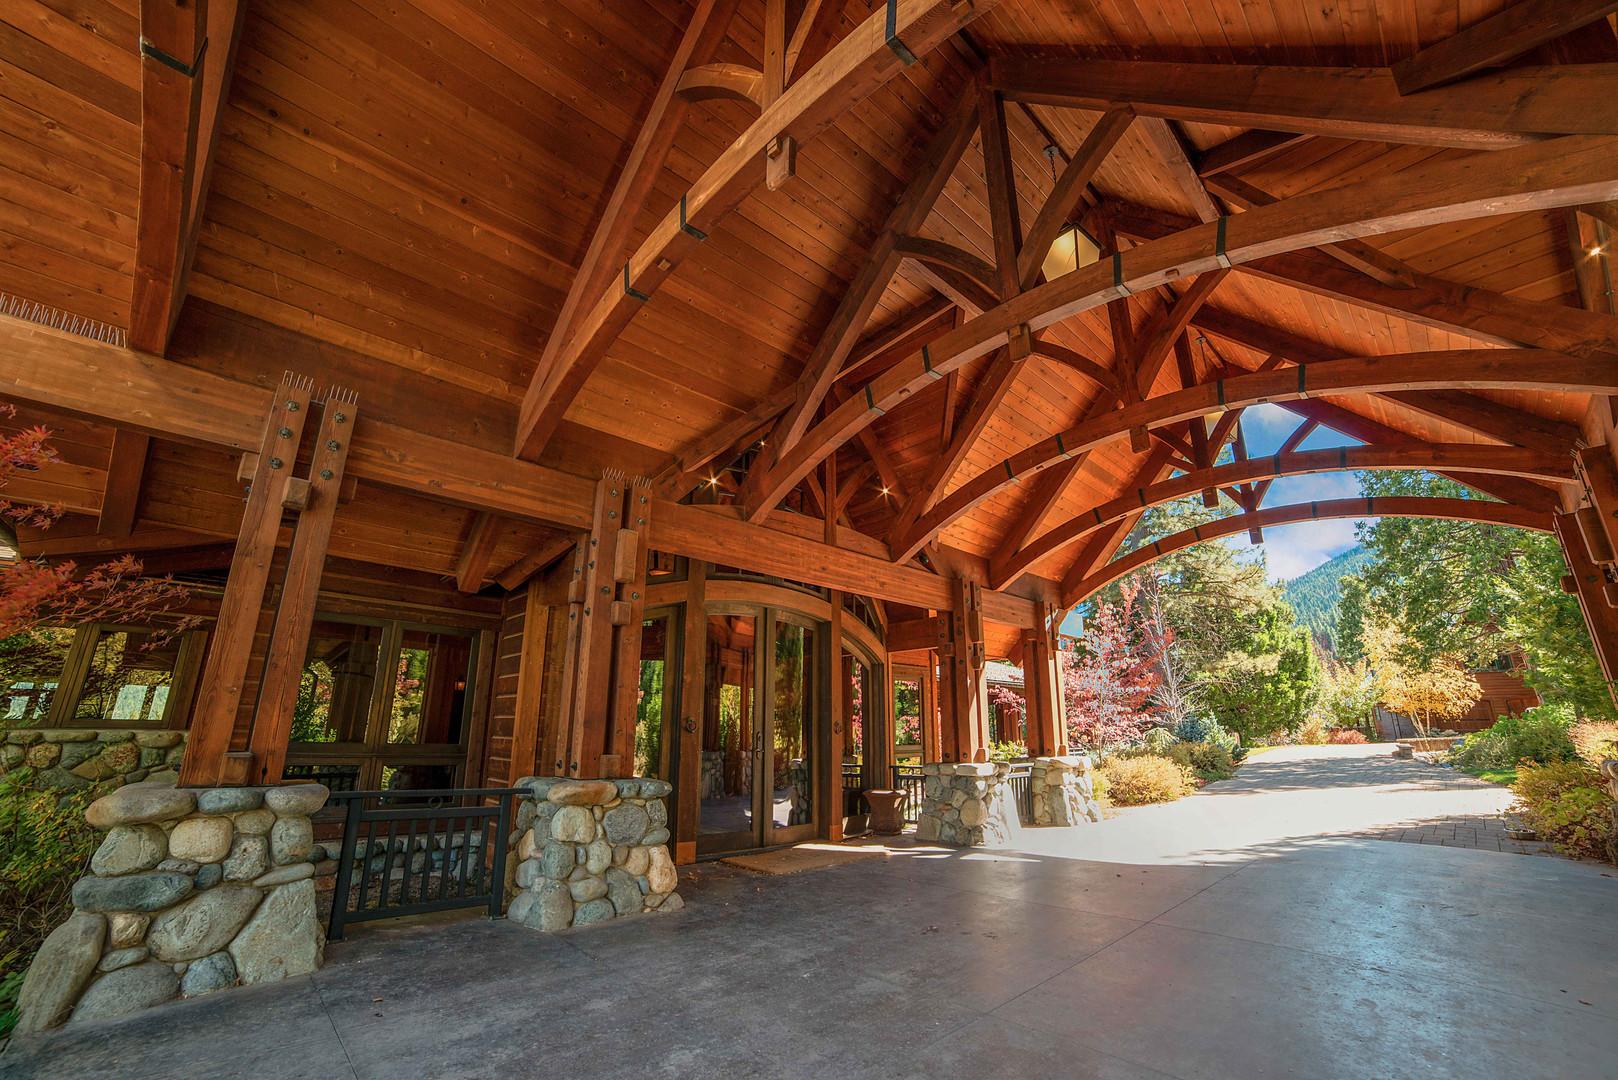 Cedars Lodge Porte Cochere